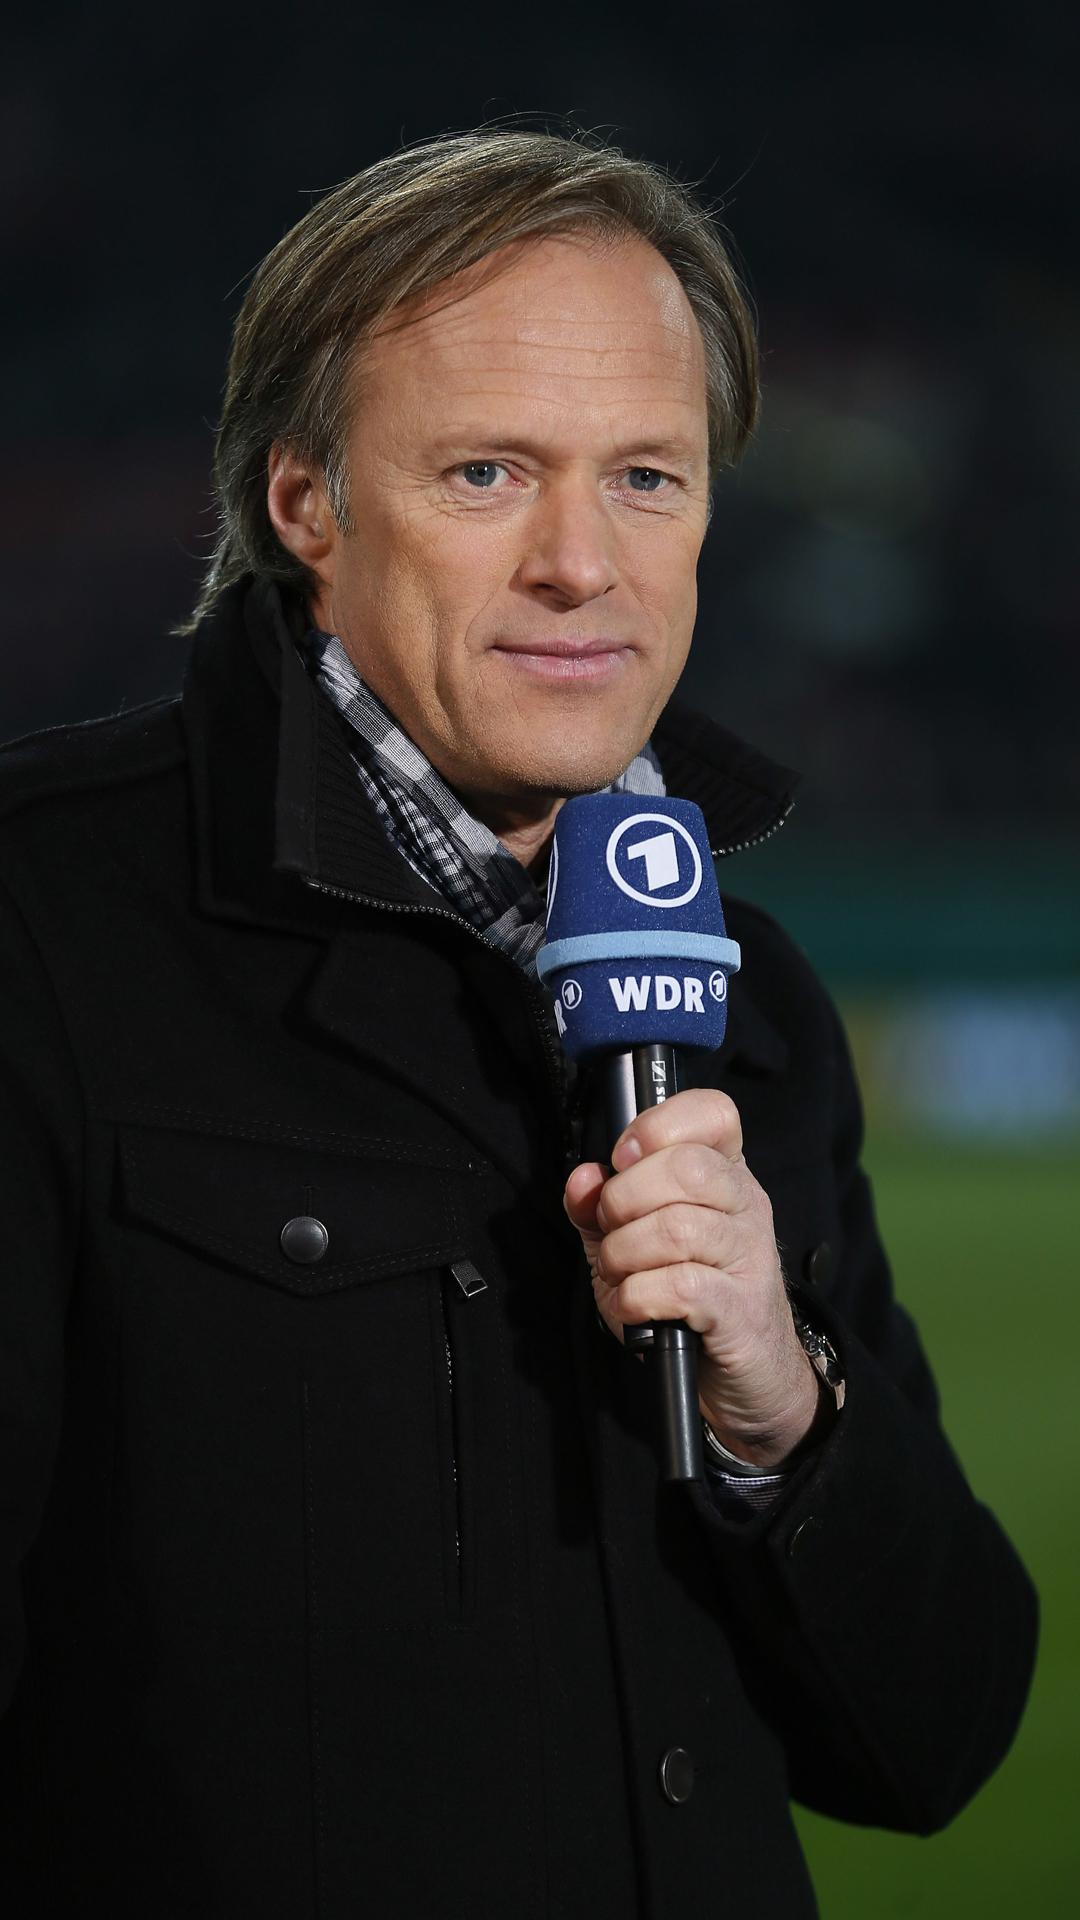 Deutsche Sportjournalisten